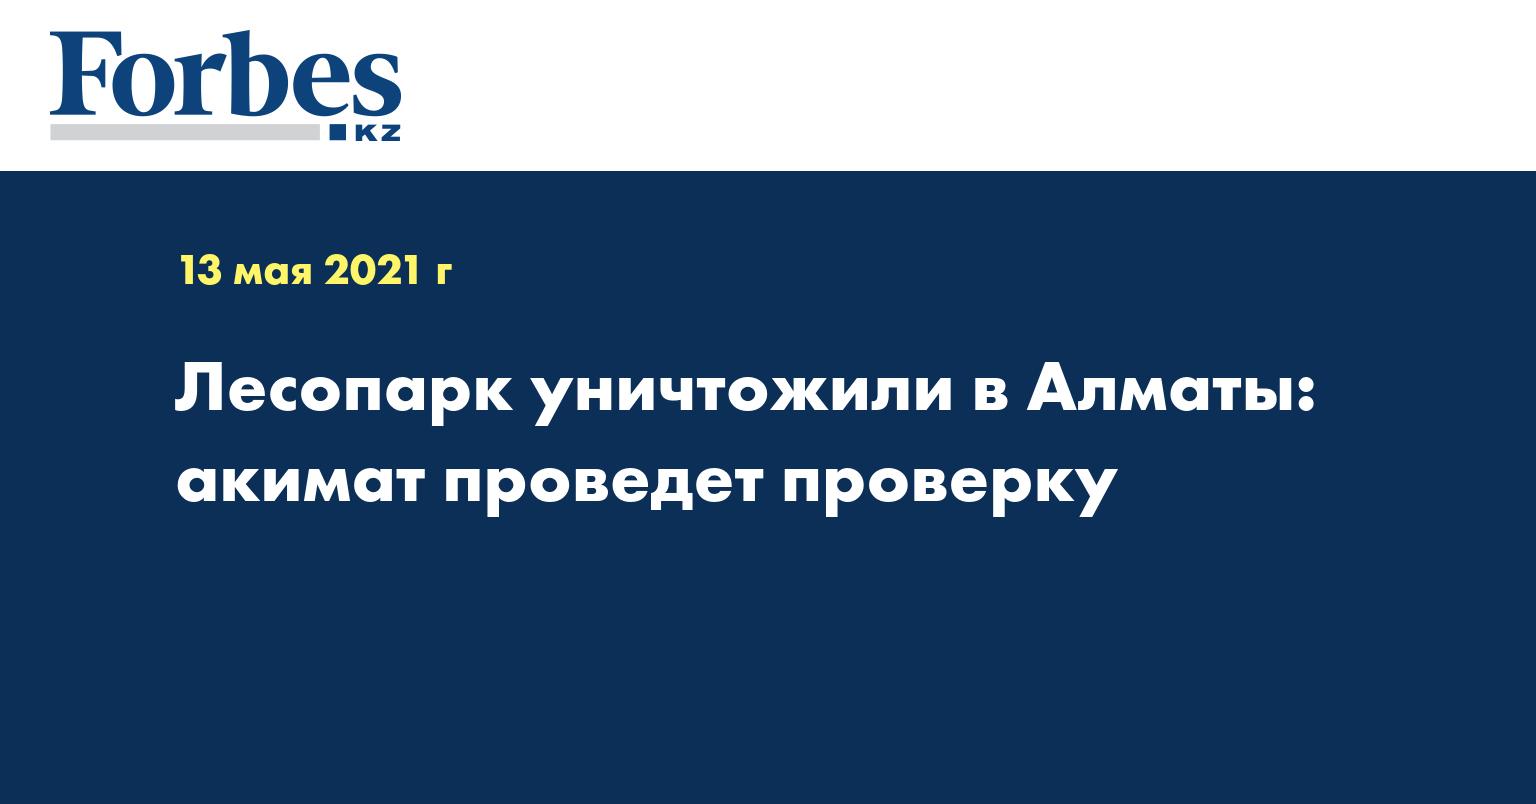 Лесопарк уничтожили в Алматы: акимат проведет проверку